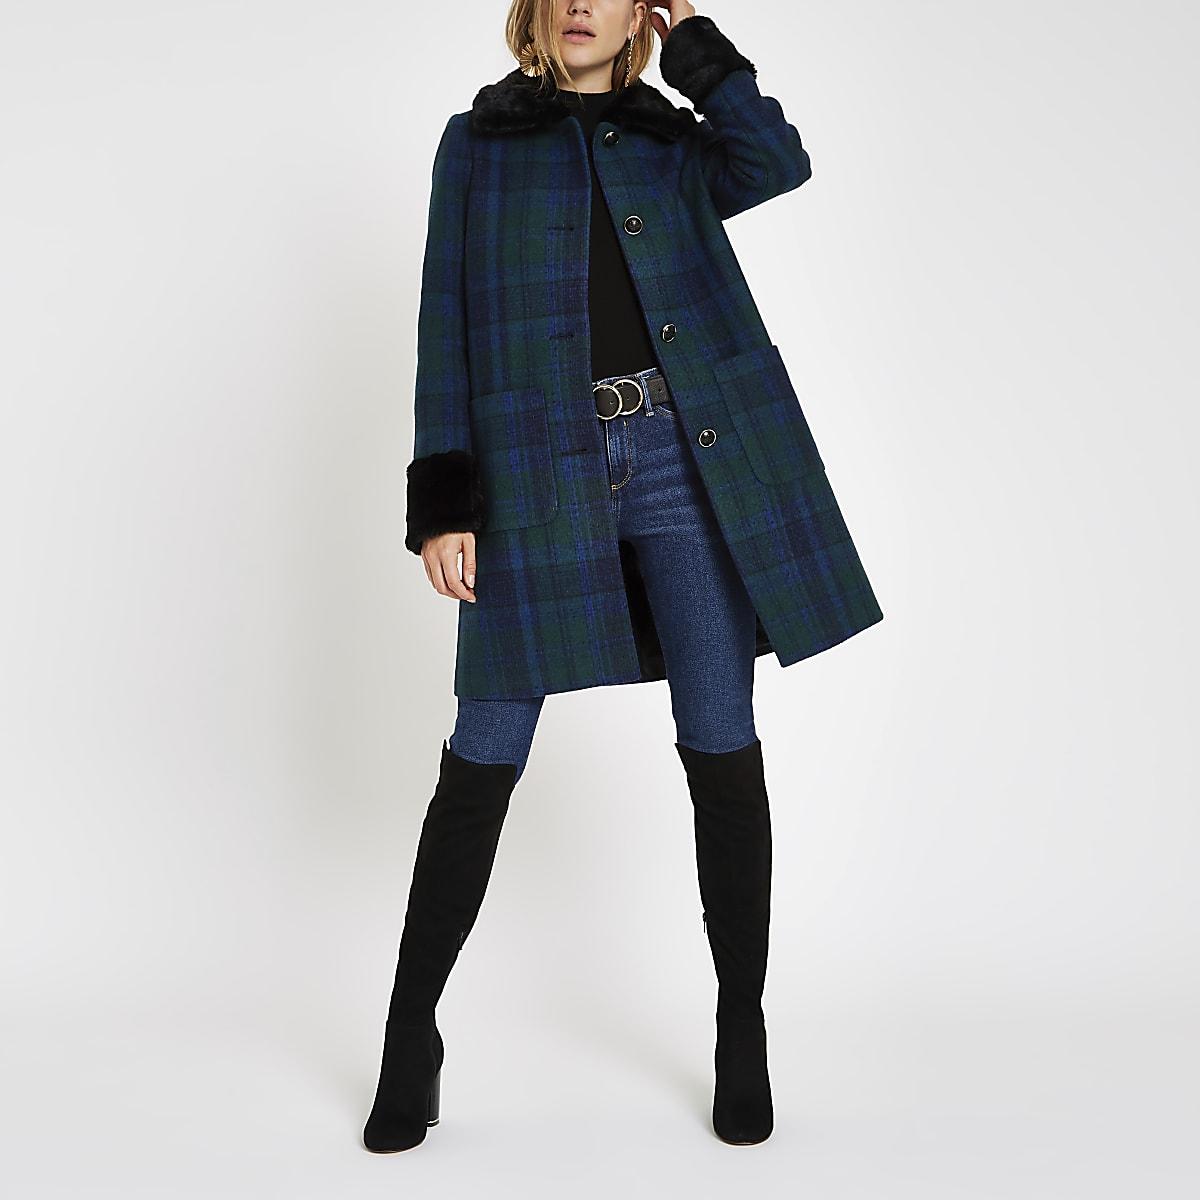 Blauwe geruite jas met knopen en rand van imitatiebont